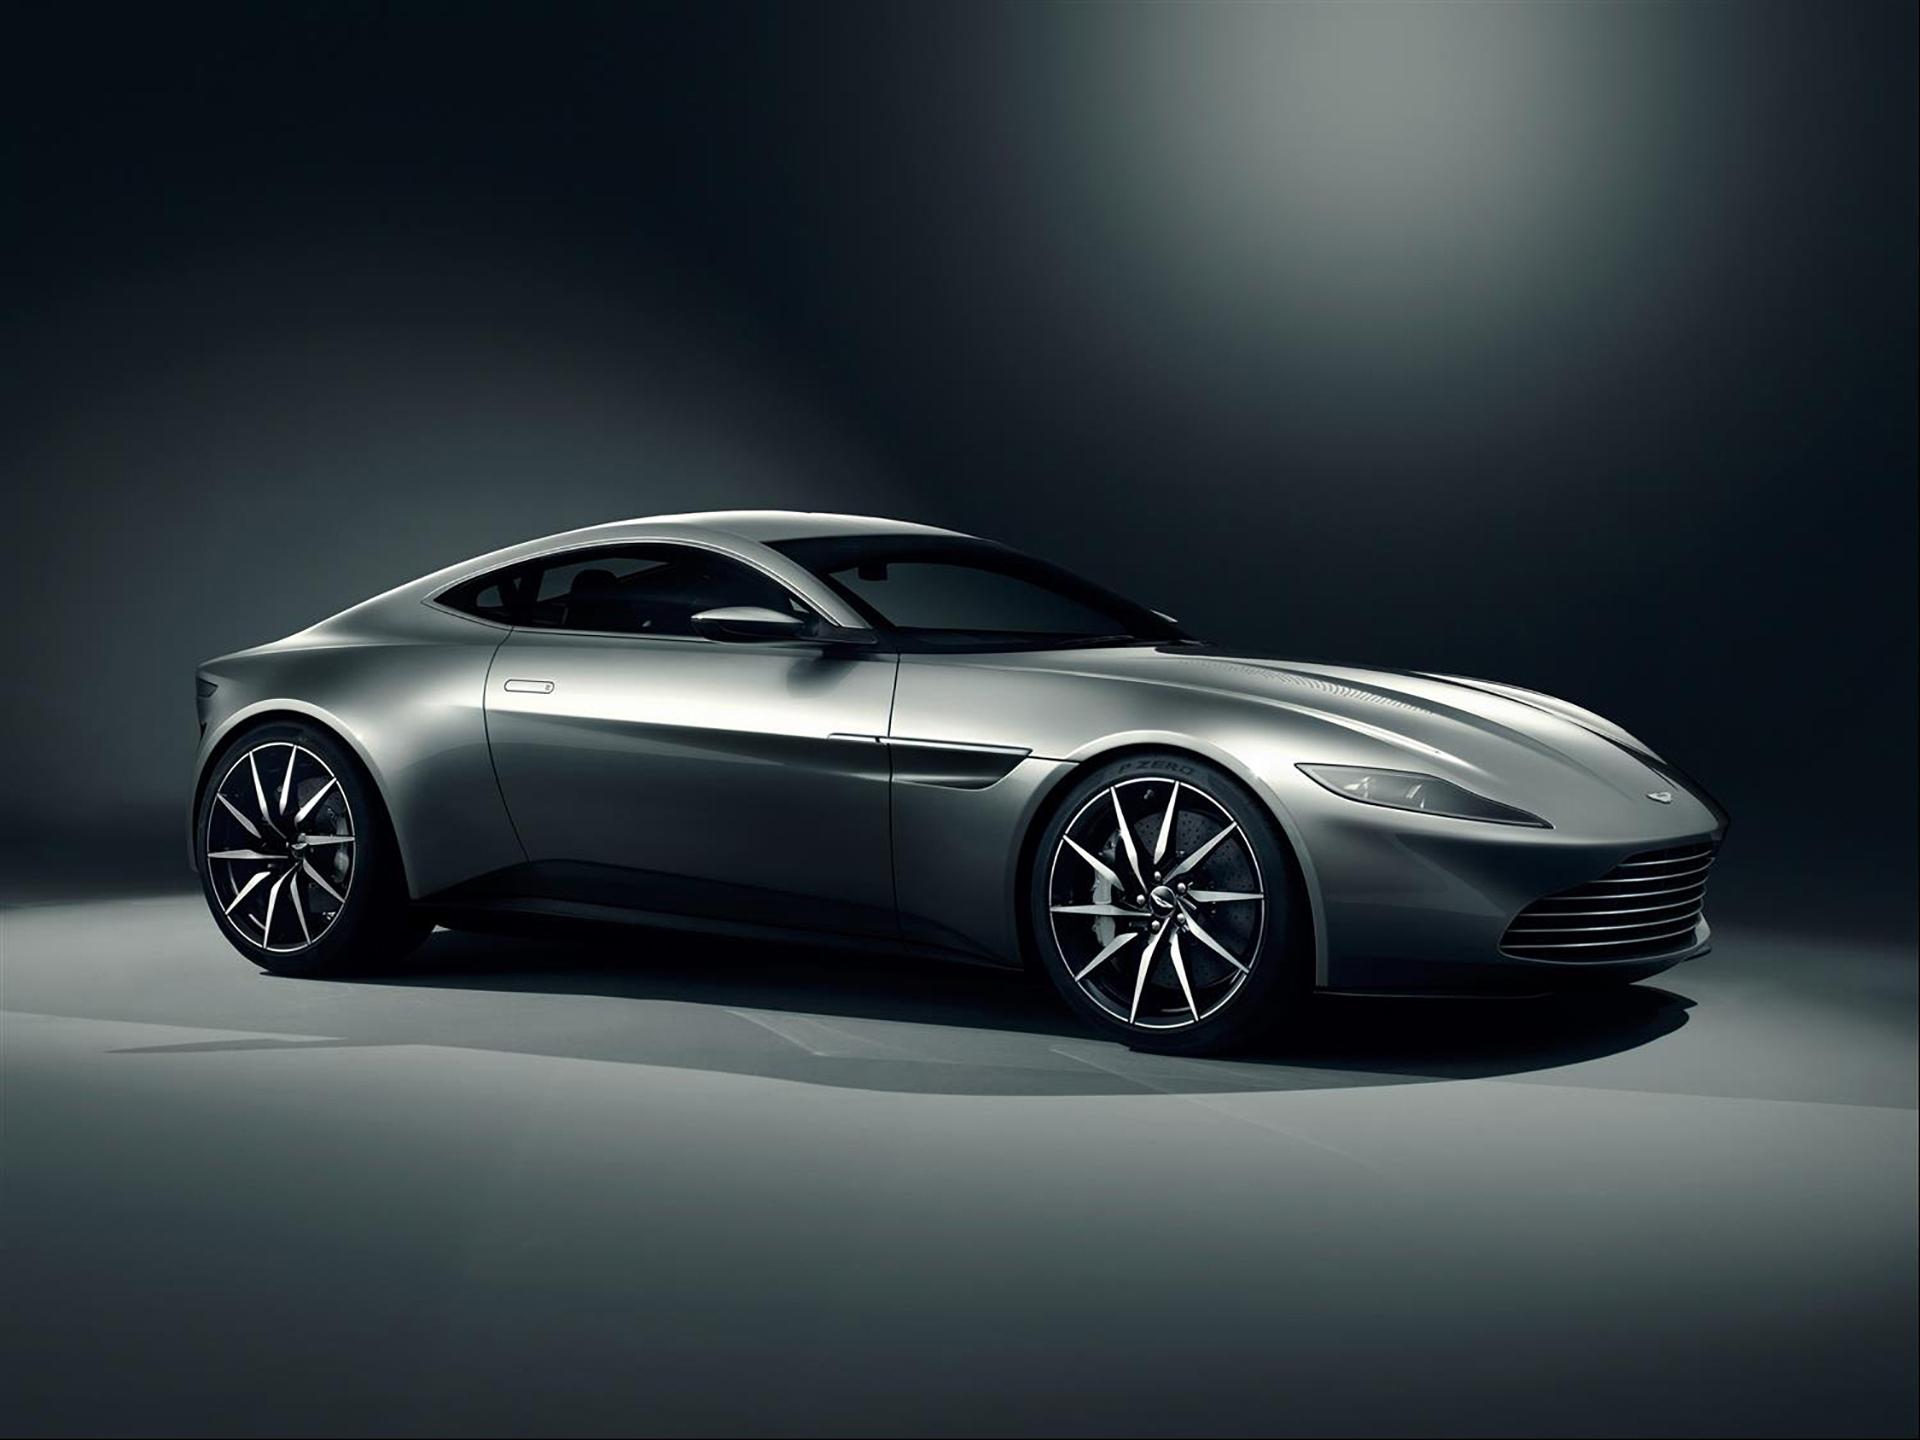 Aston Martin DB10 - Spectre 2015 - cover